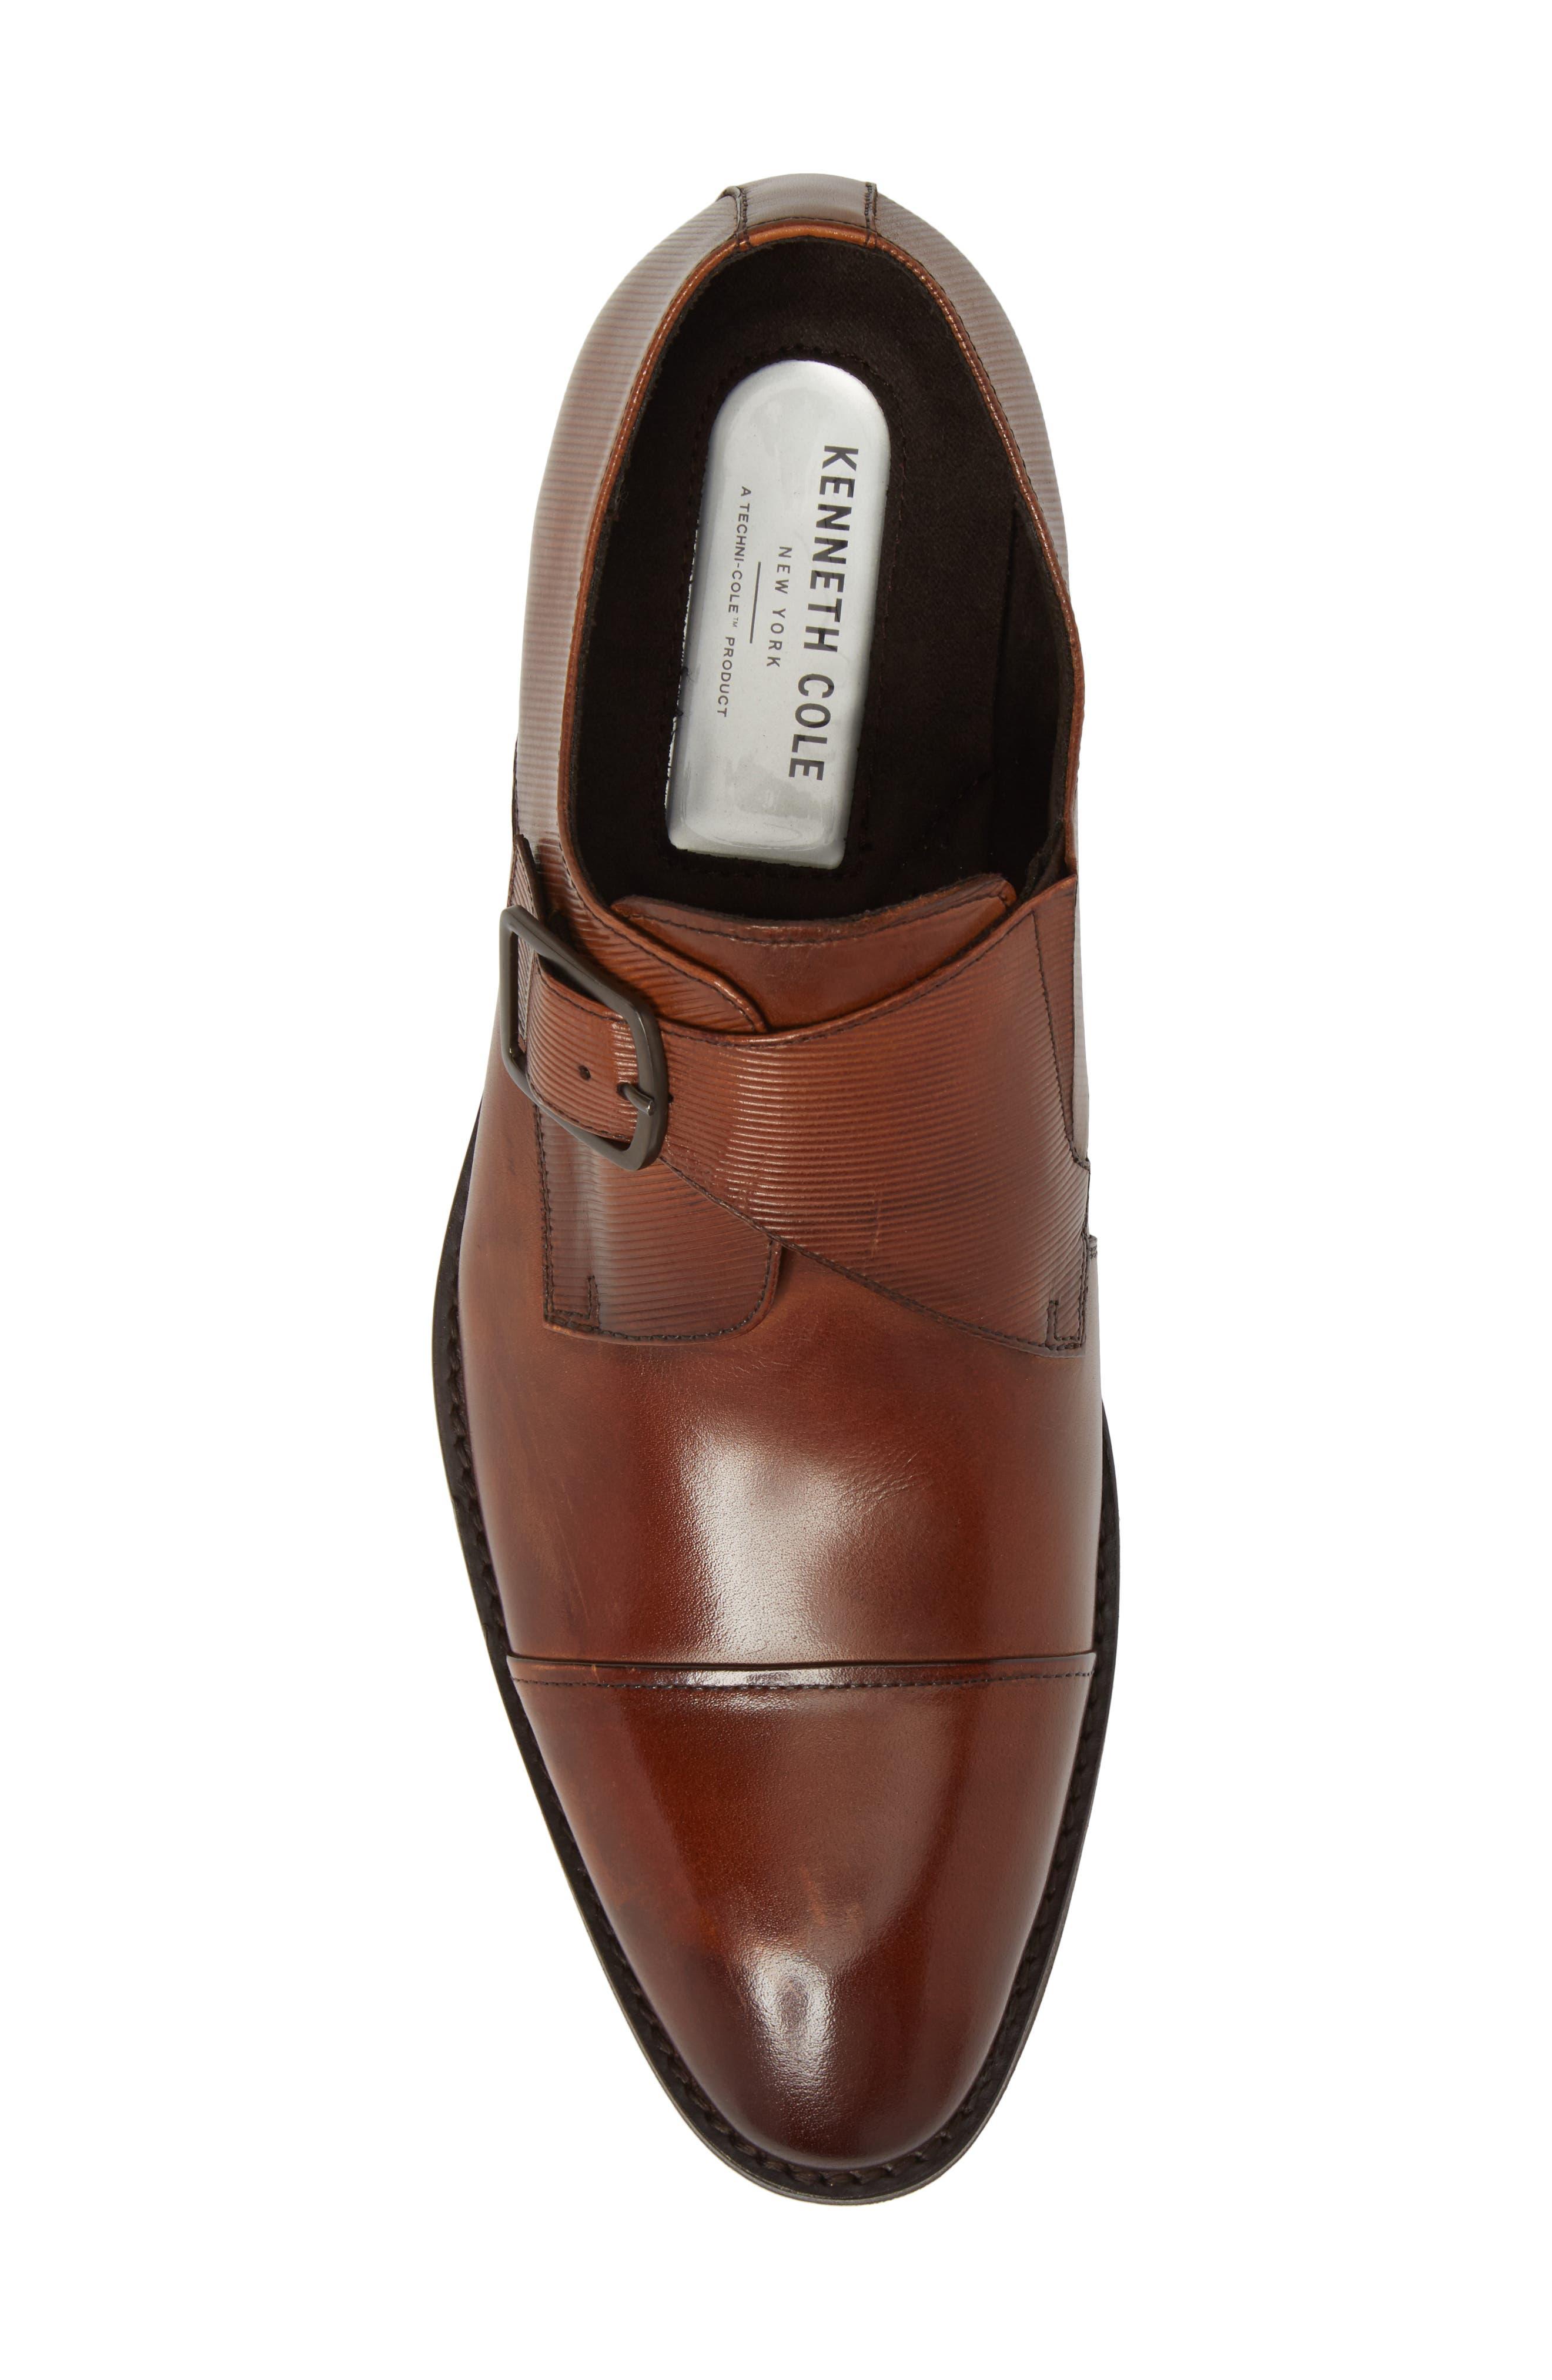 Courage Monk Strap Shoe,                             Alternate thumbnail 5, color,                             Cognac Leather